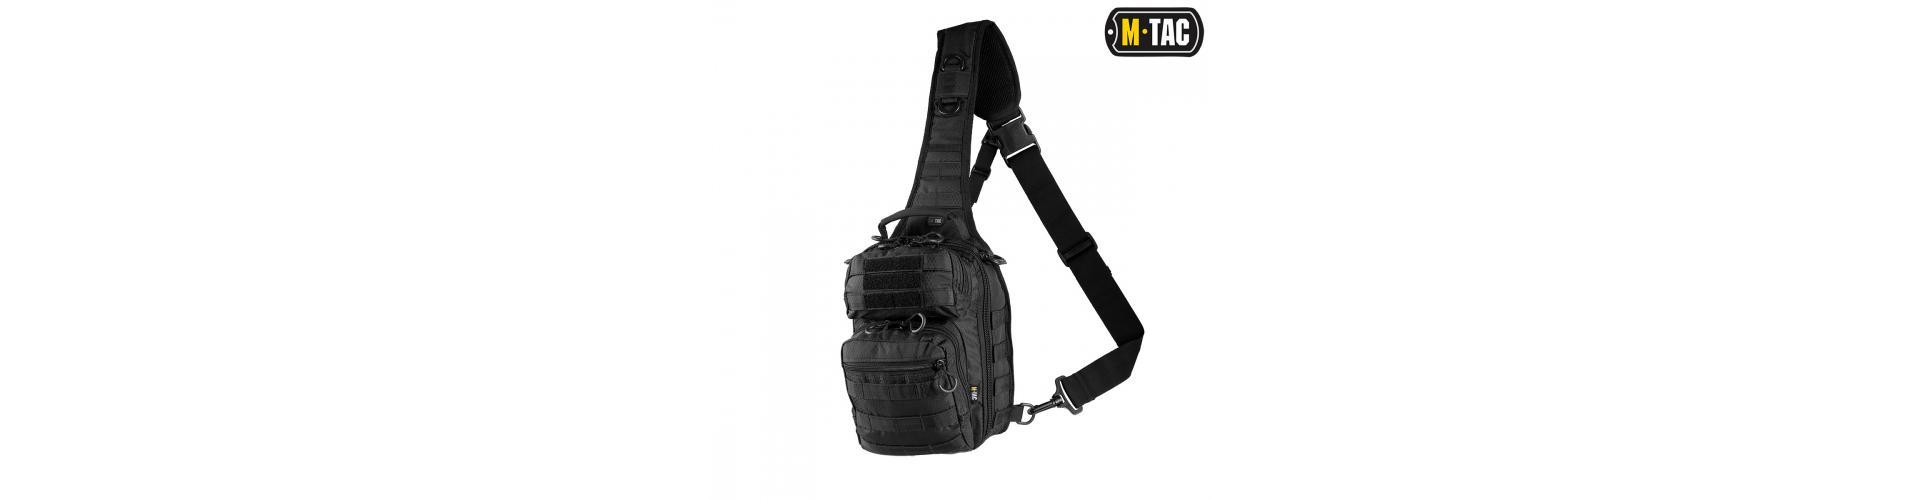 Обзор сумки m-tac urban line city hunter hexagon bag